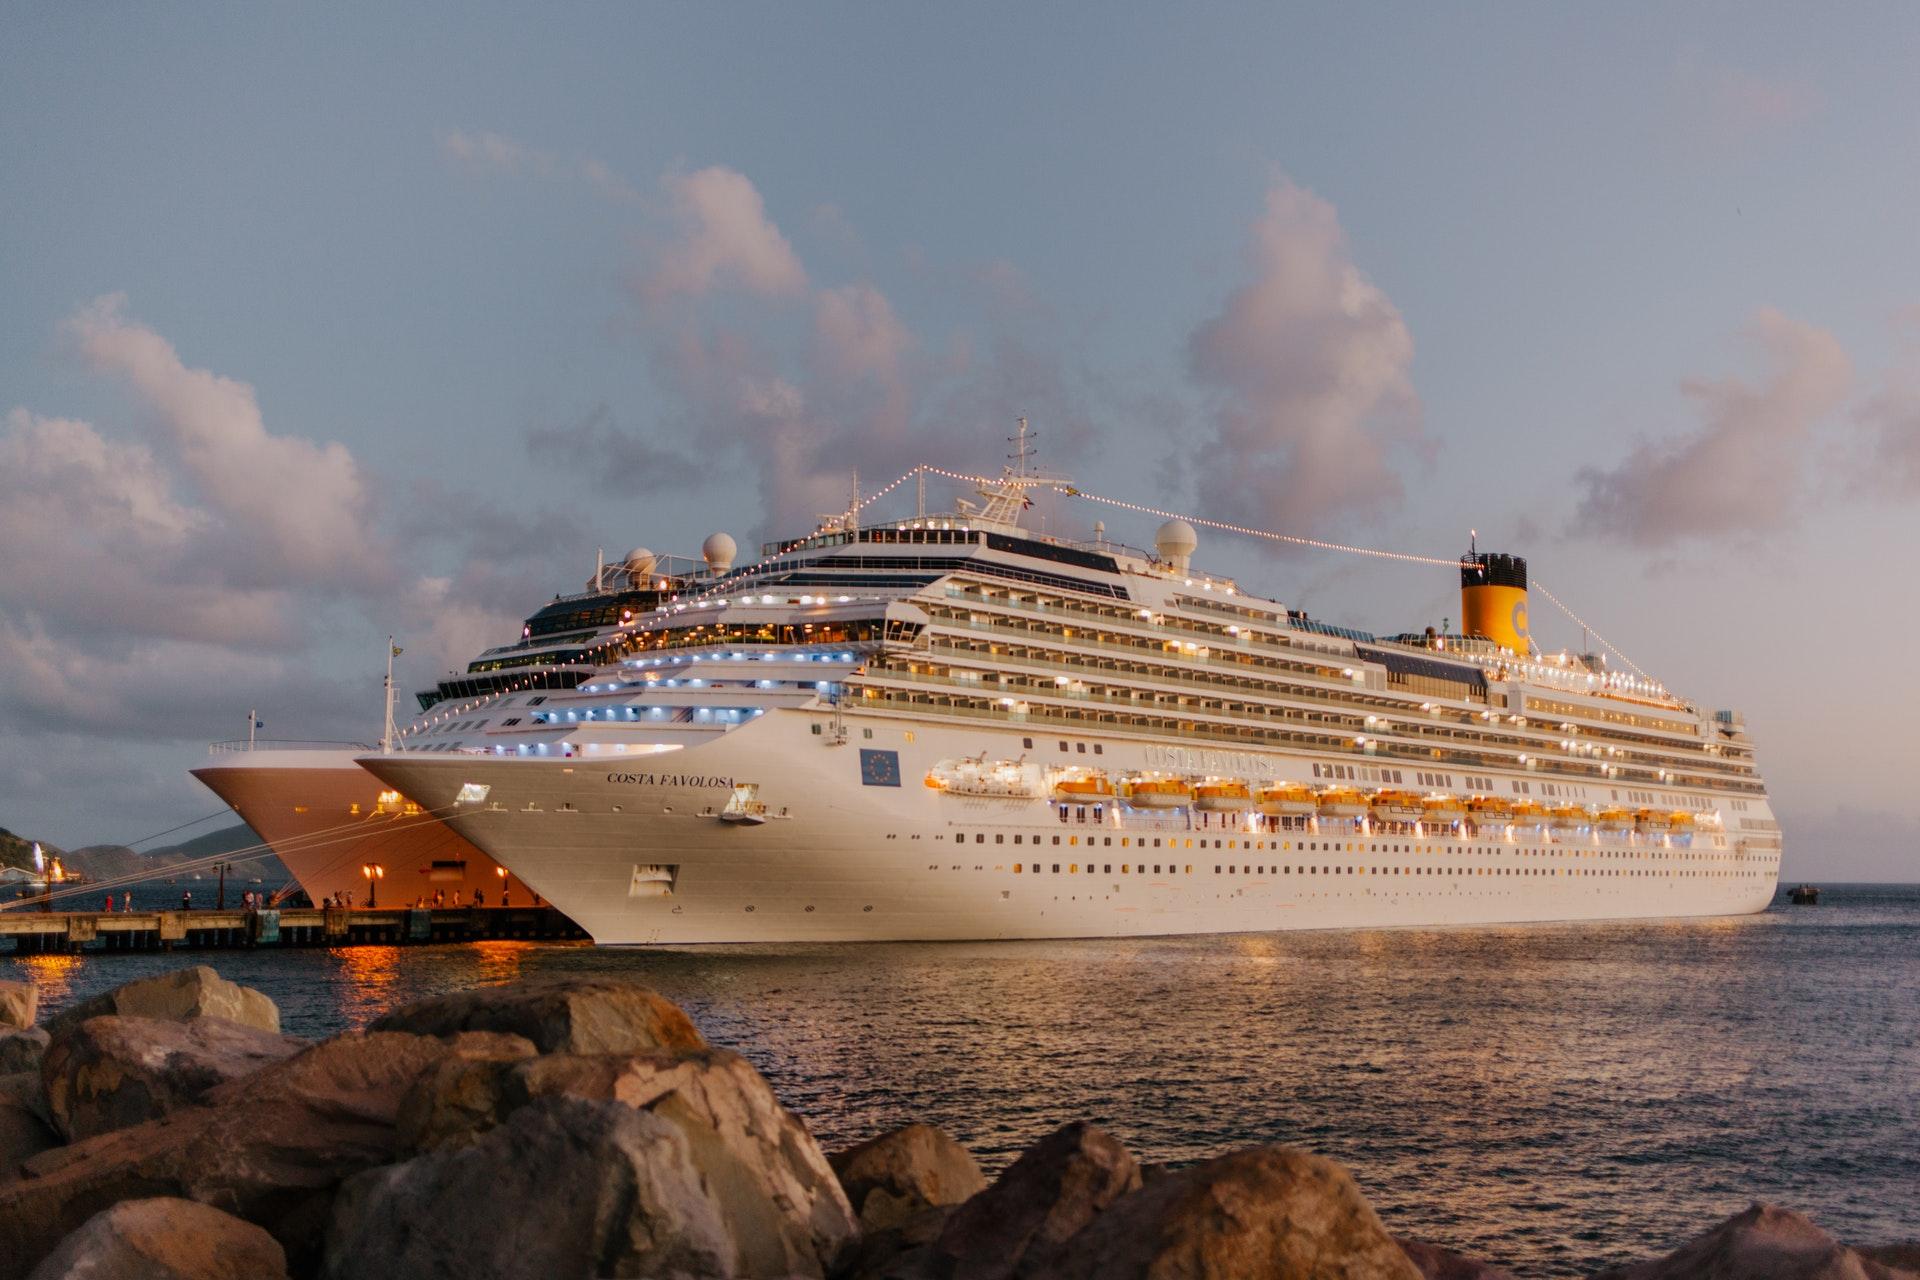 Vemos um grande navio de cruzeiro (imagem ilustrativa). Texto: tendências de negócios.